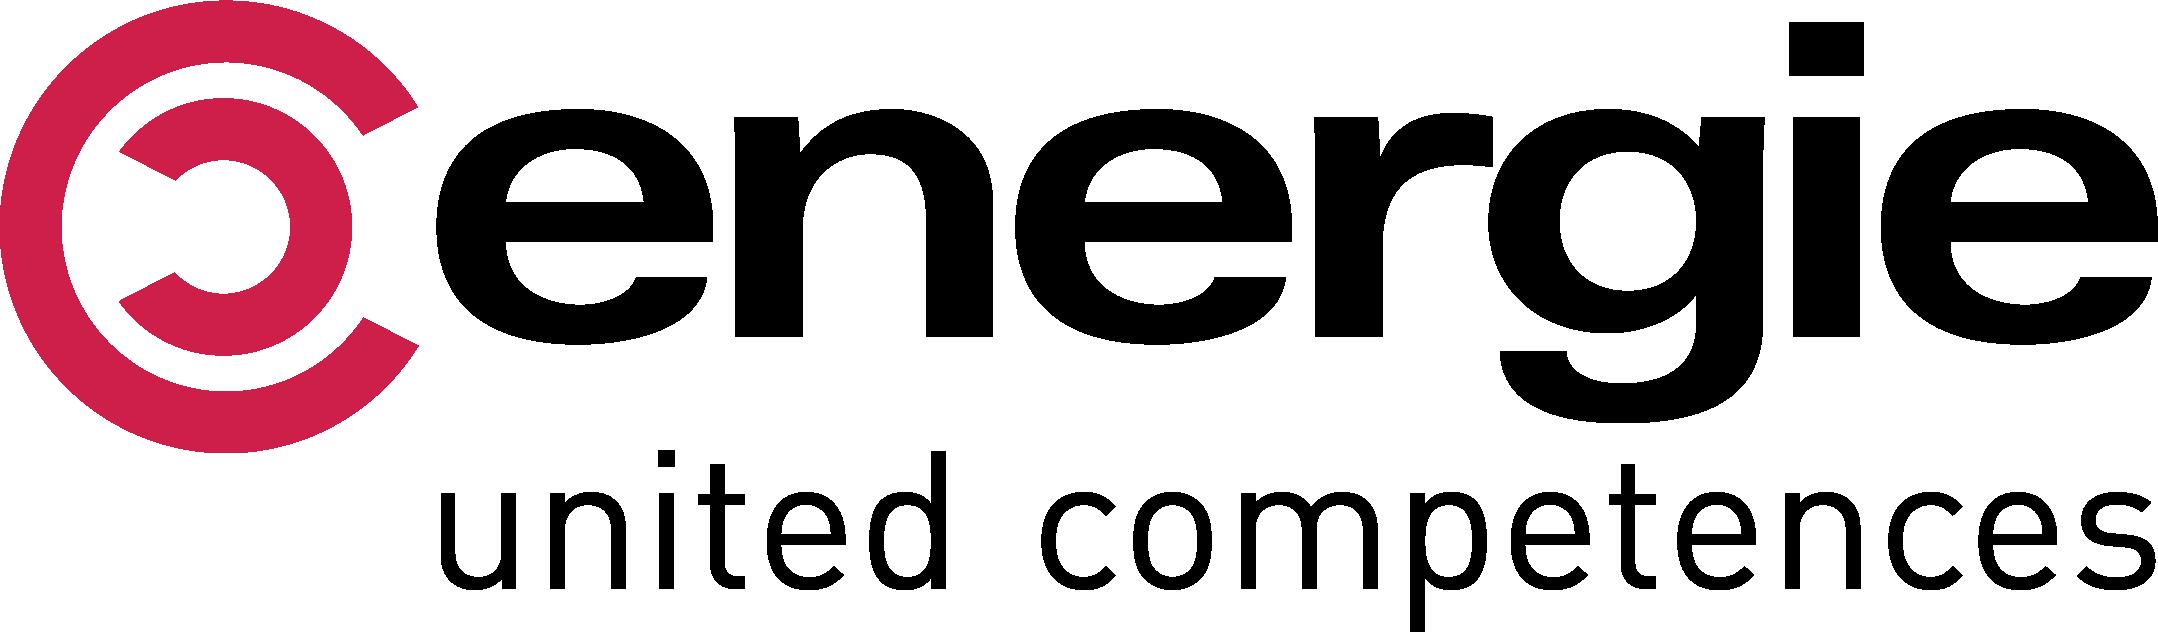 CC Energie logo